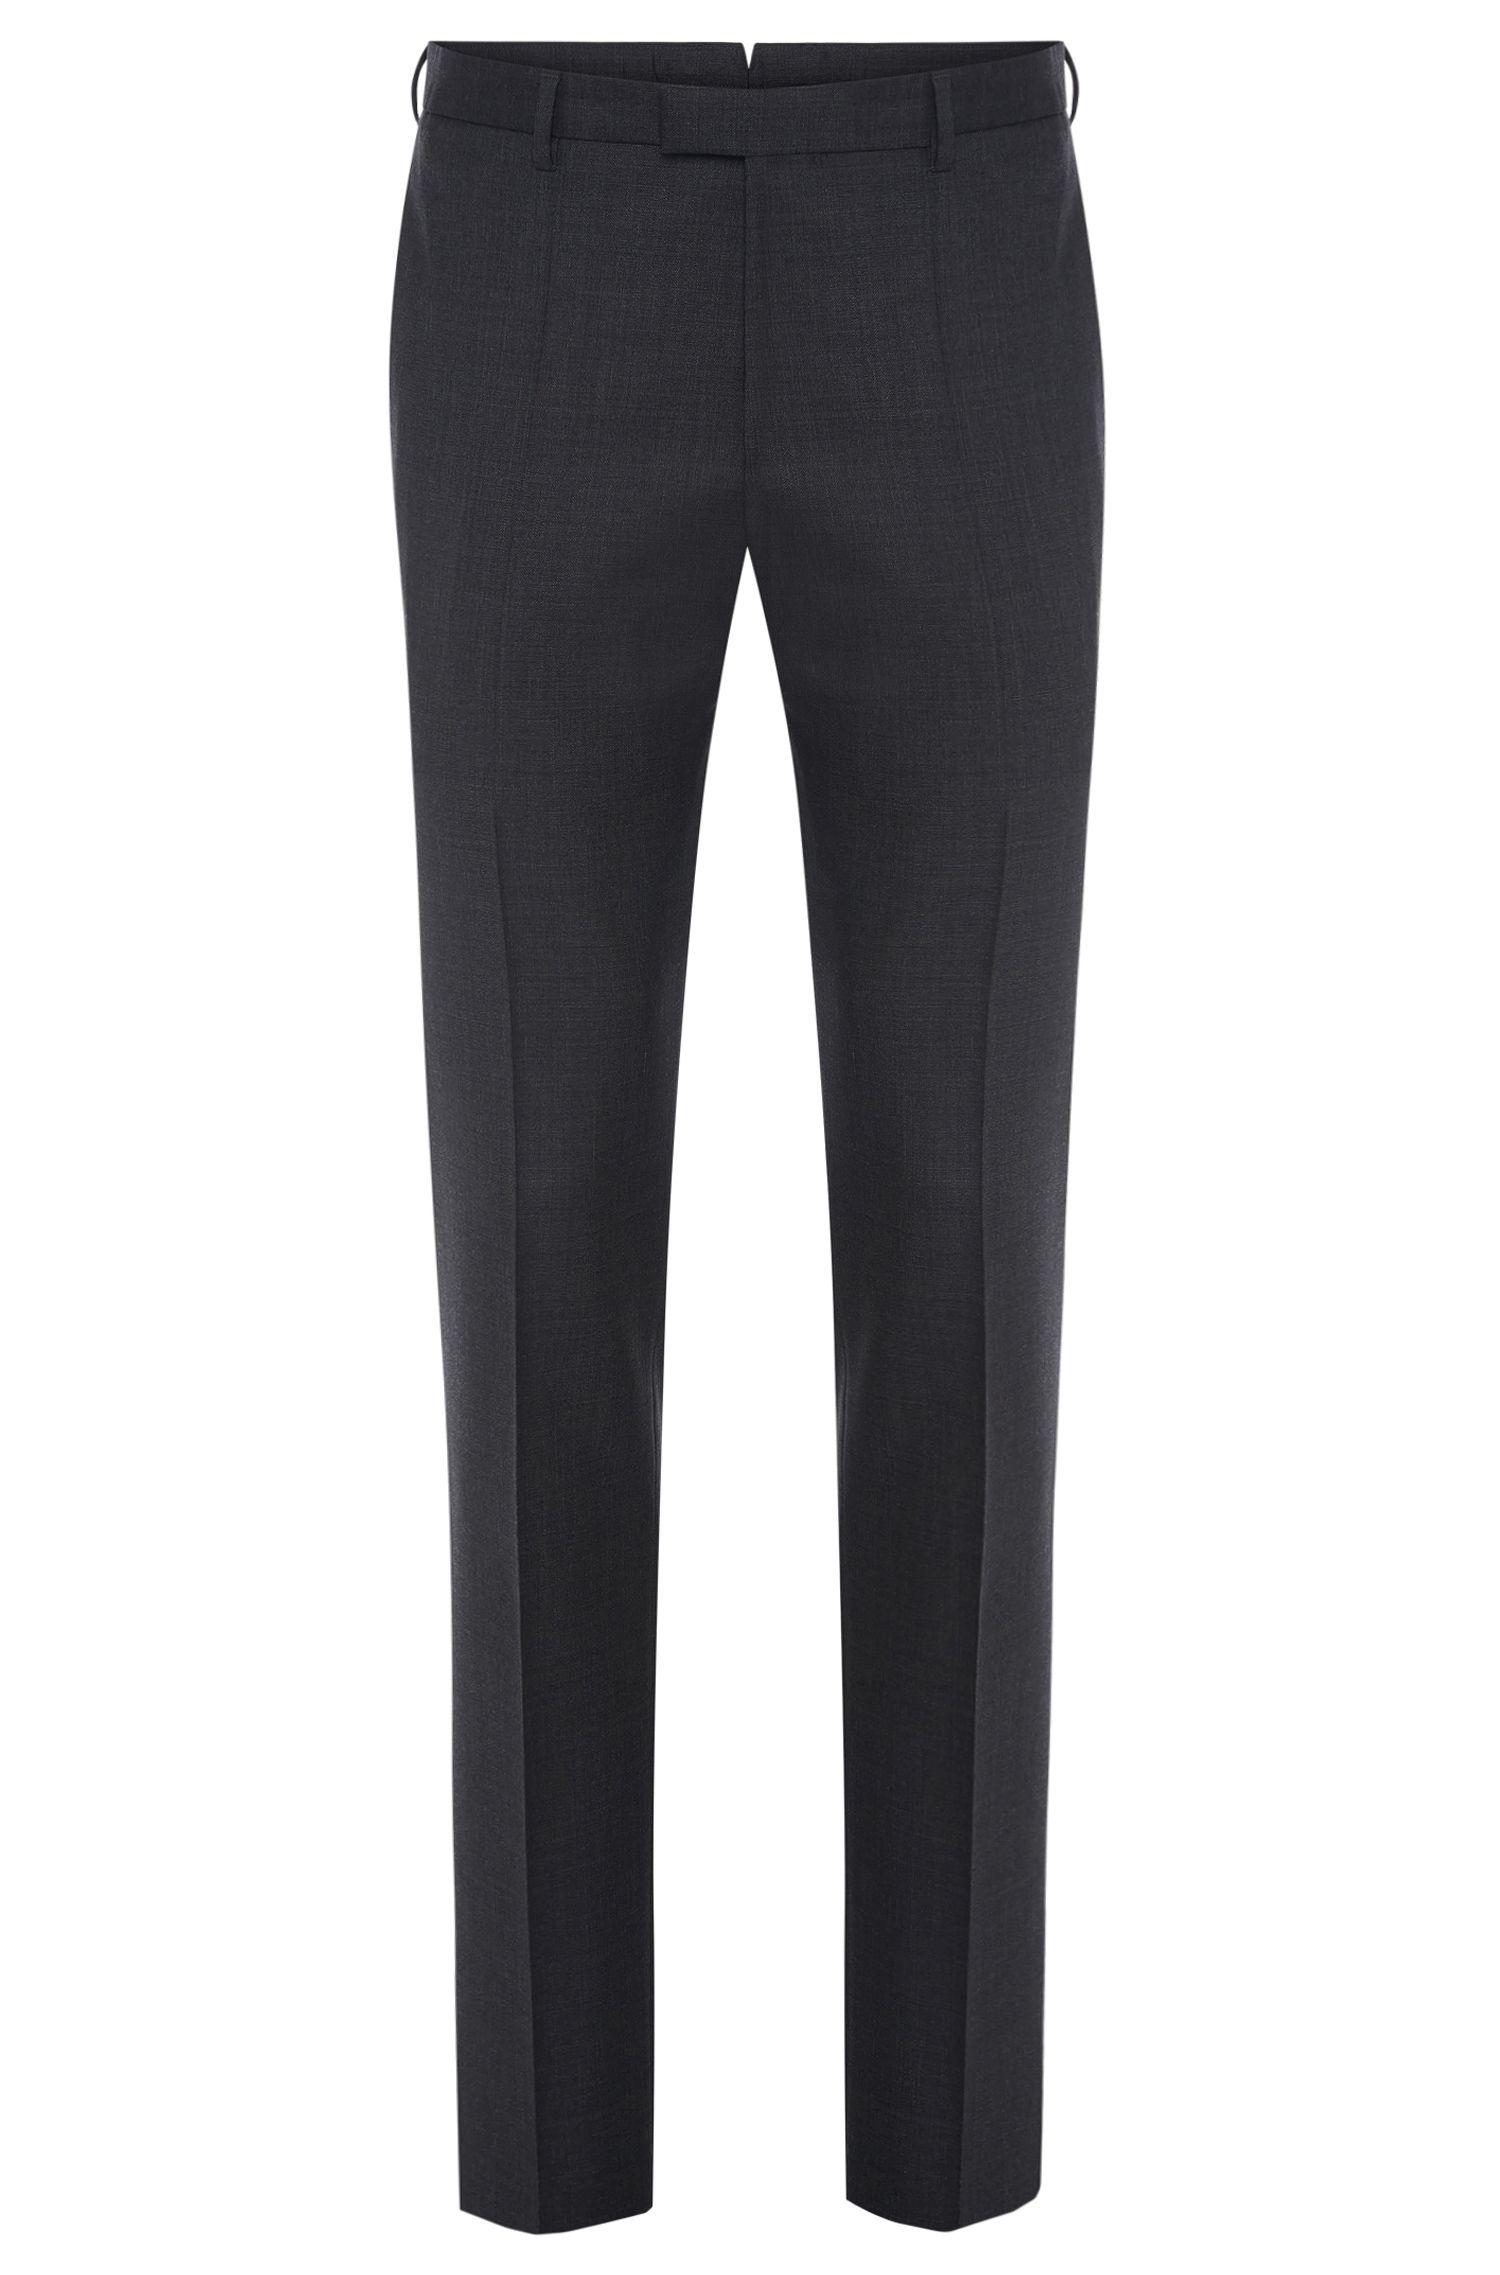 Fein strukturierte Slim-Fit Tailored Hose aus Schurwolle: 'T-Bale'